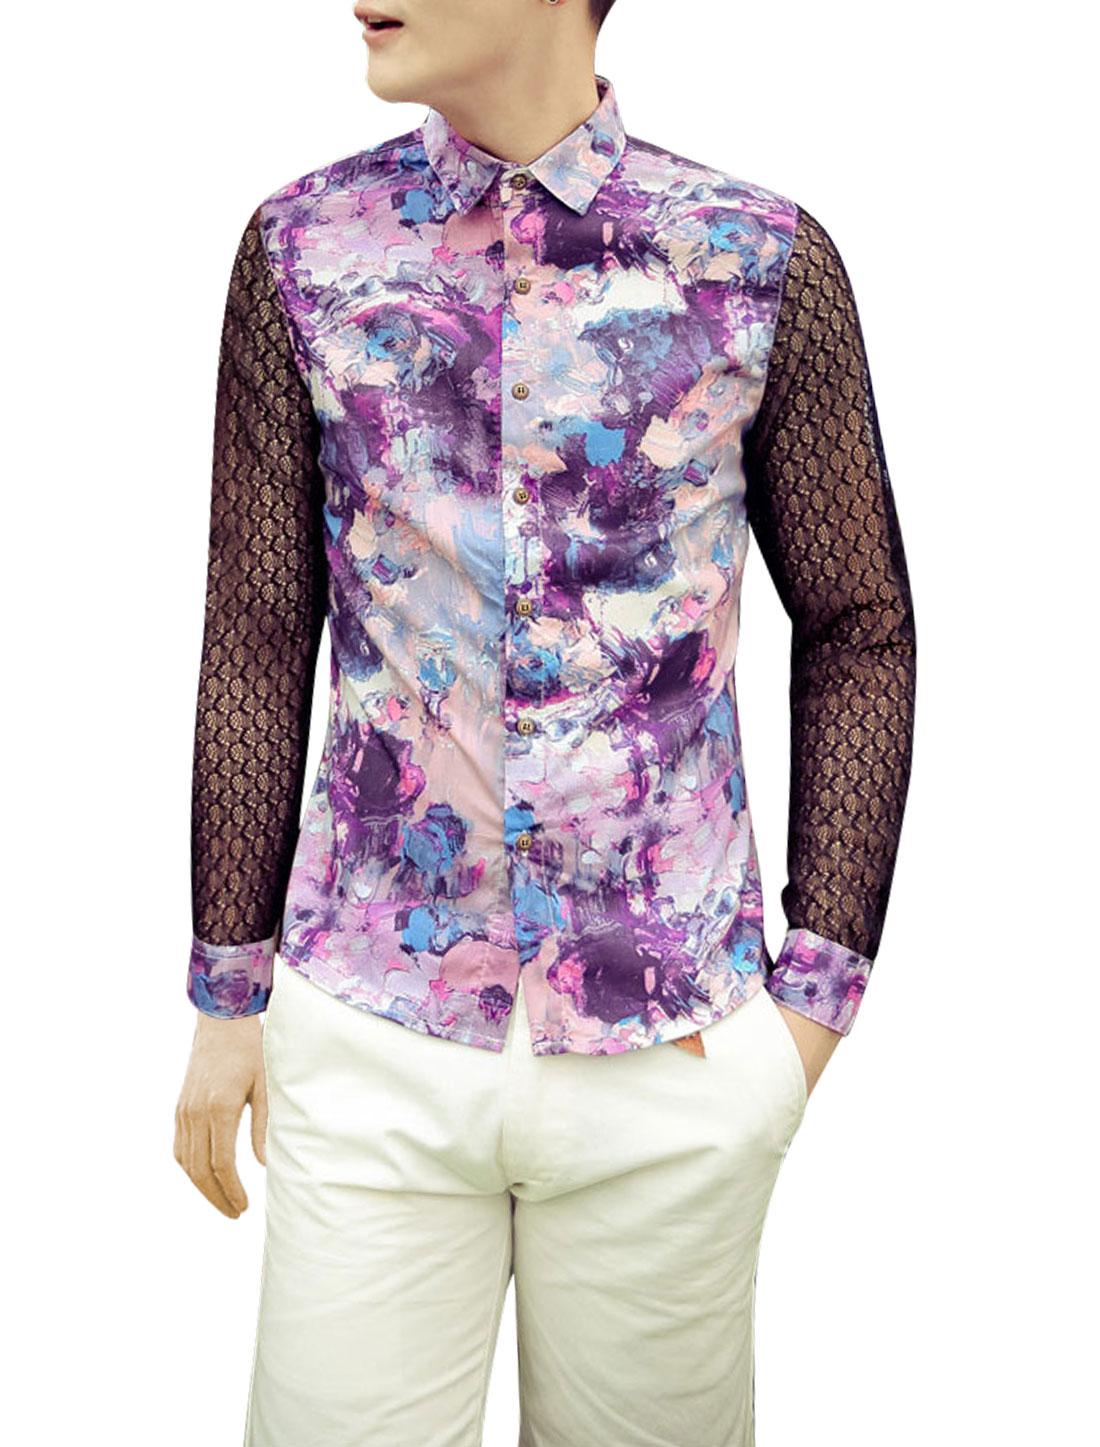 Man Flower Pattern Lace Spliced Long Sleeve Casual Shirt Purple S